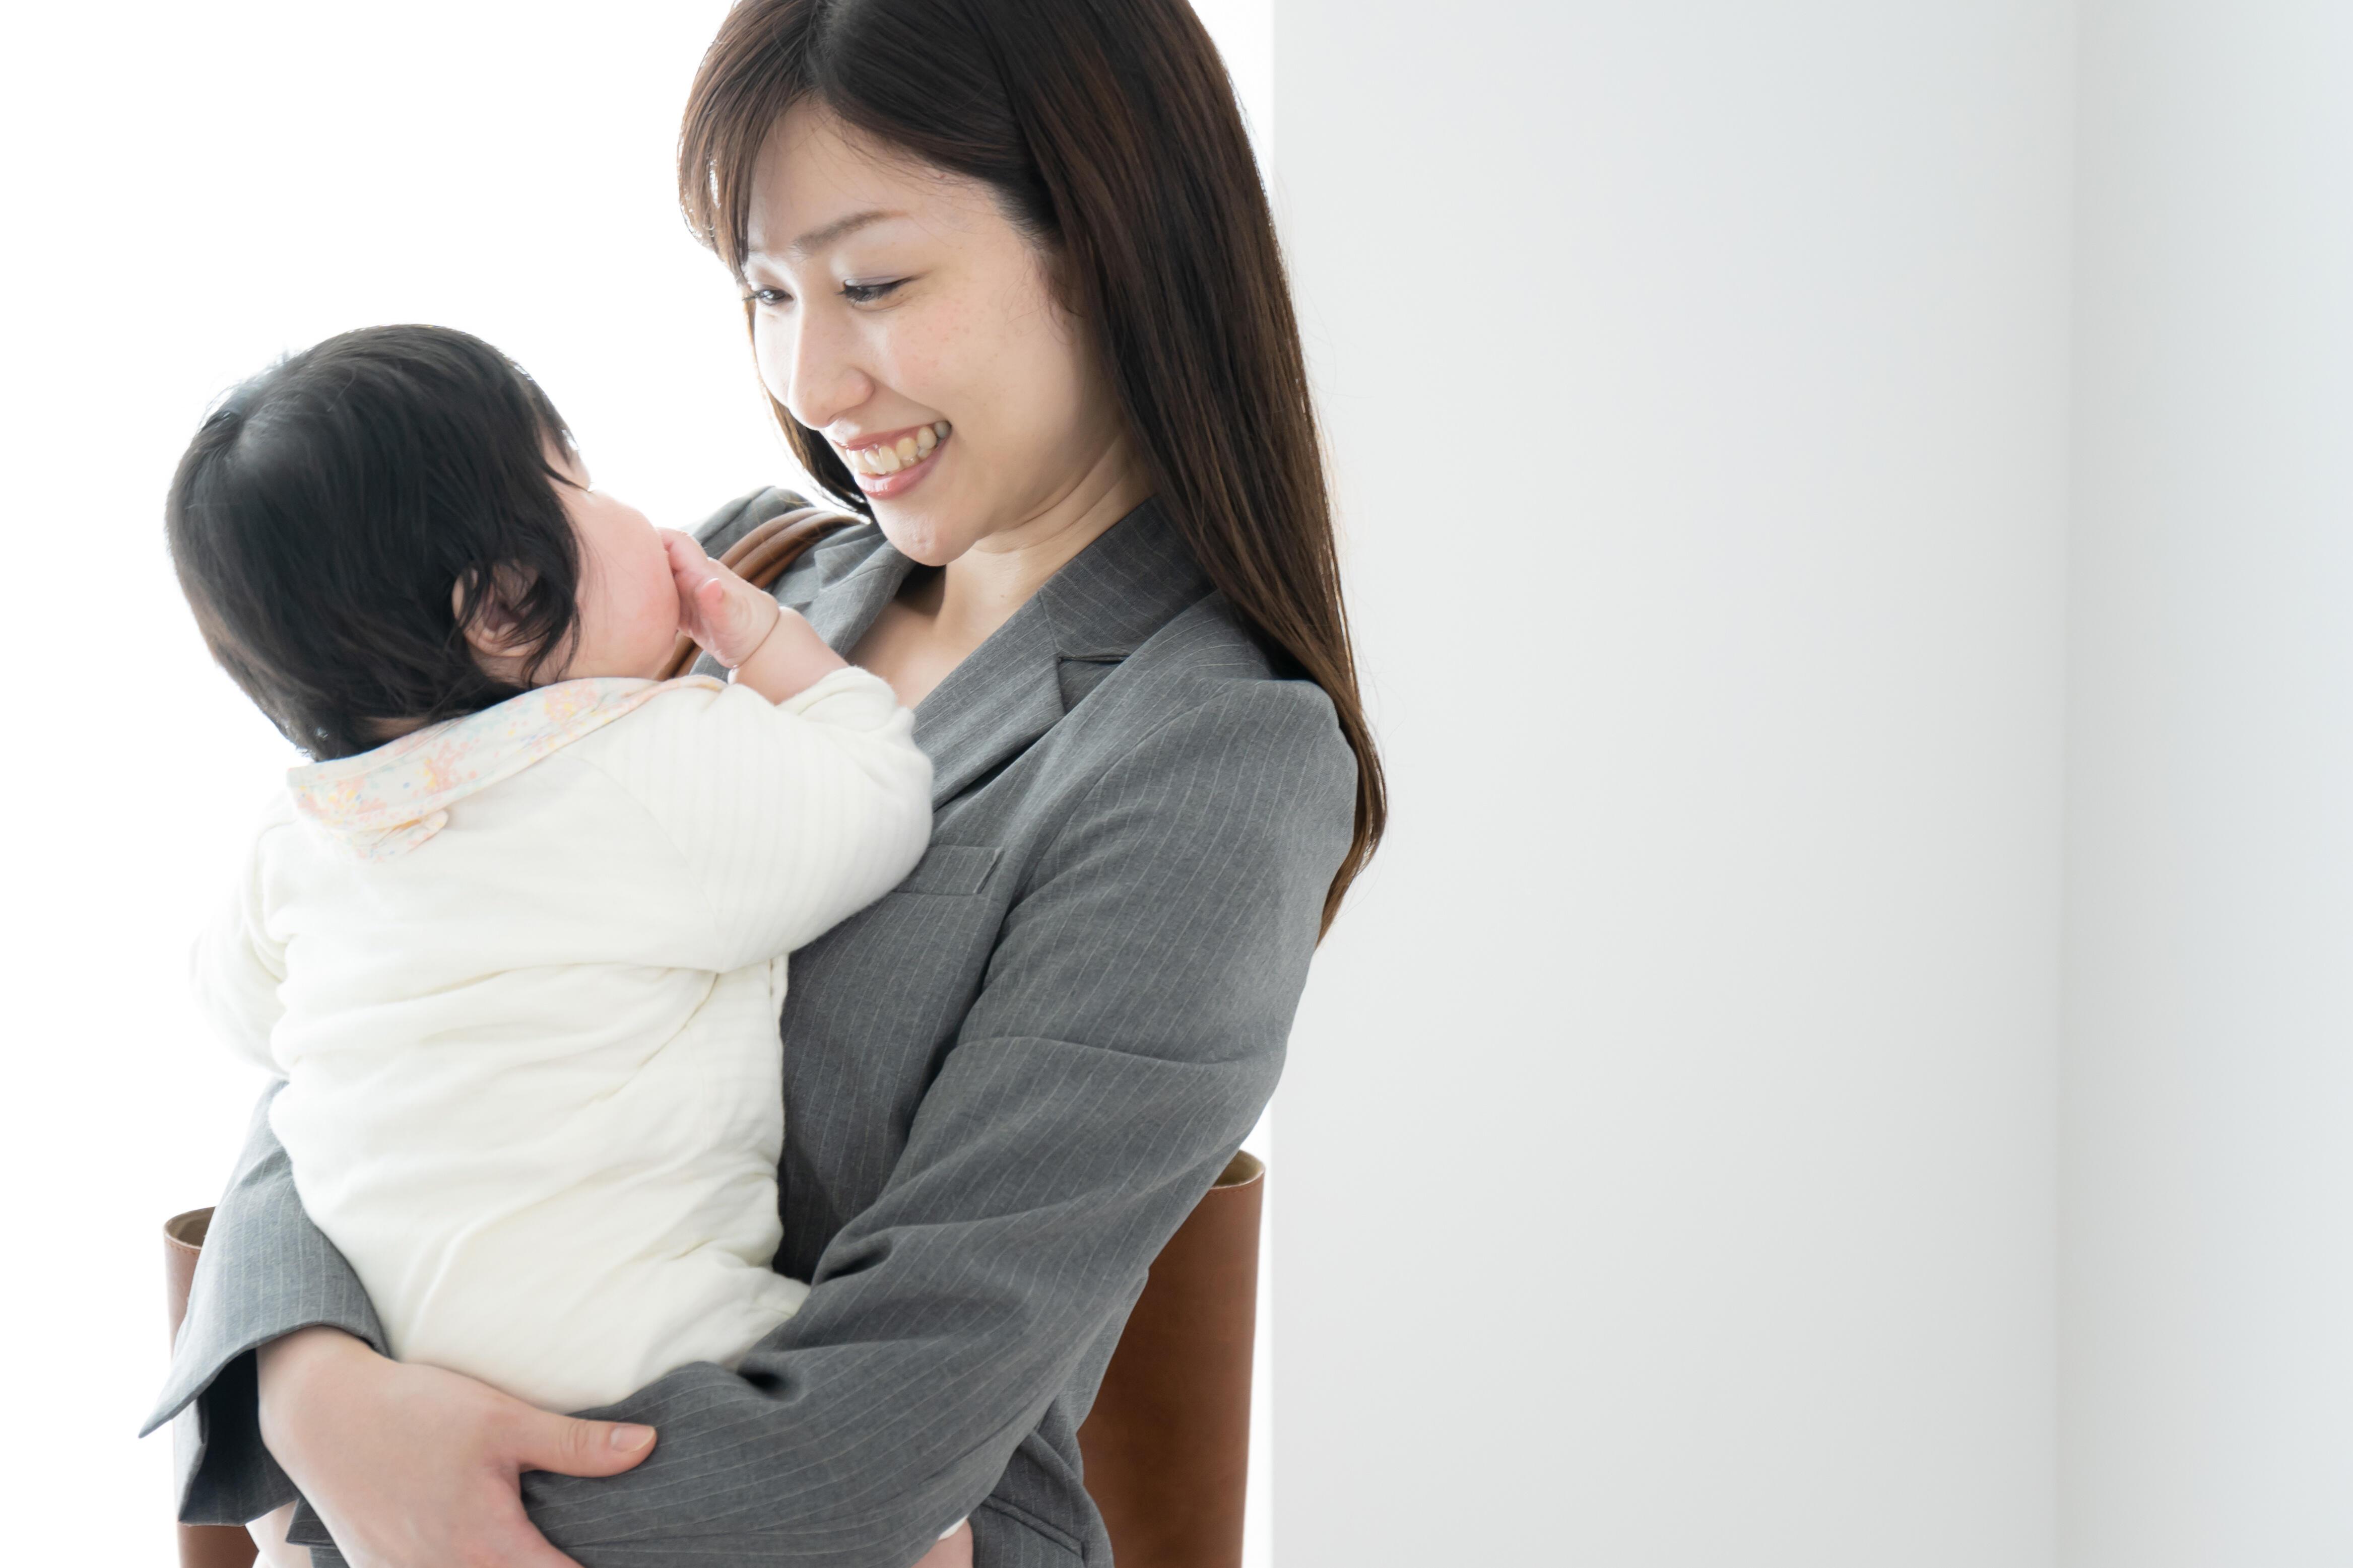 No.6 働く母が心身共に健康で働き続けるためへの提言